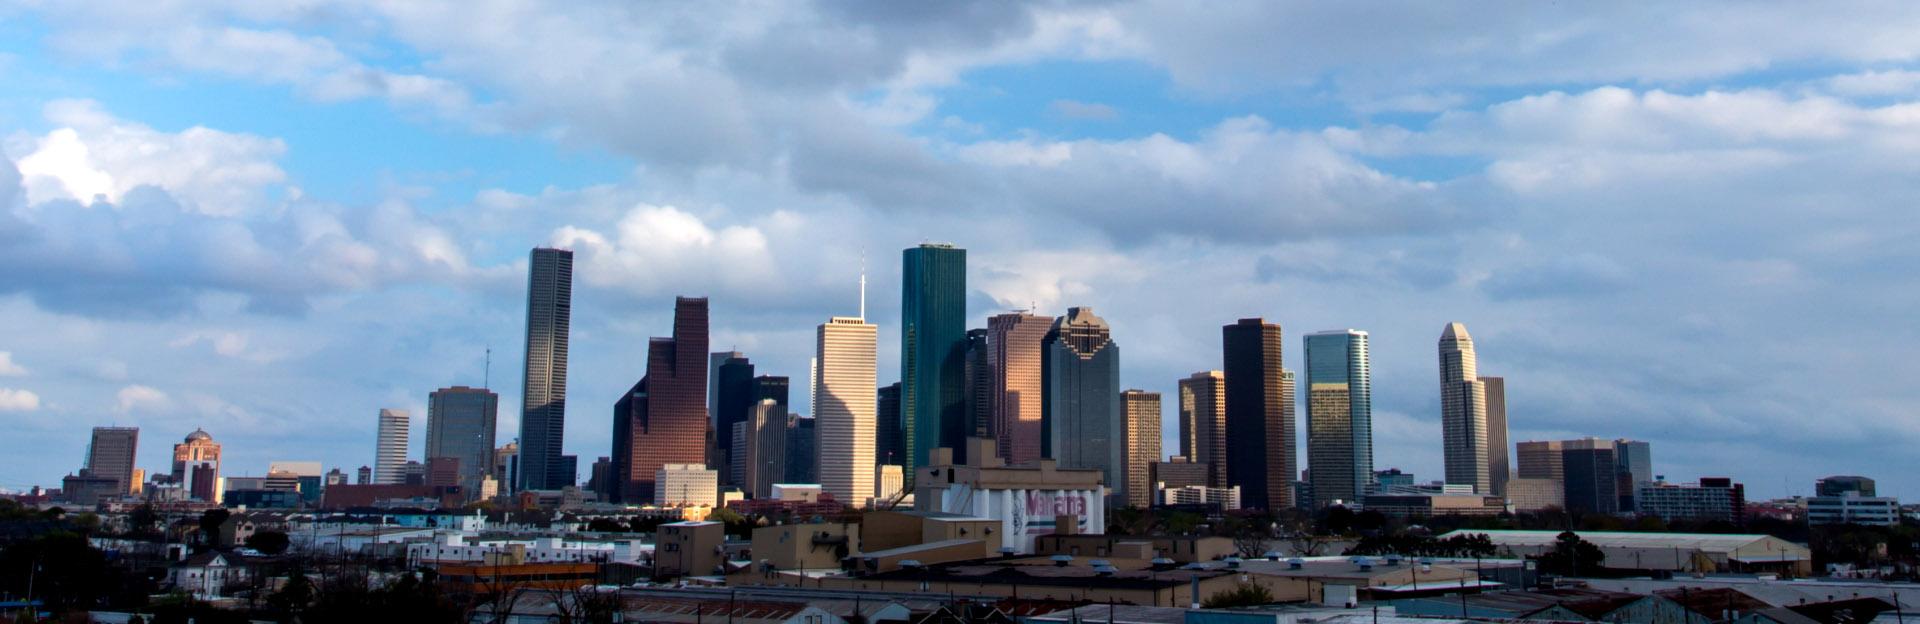 SEO Houston